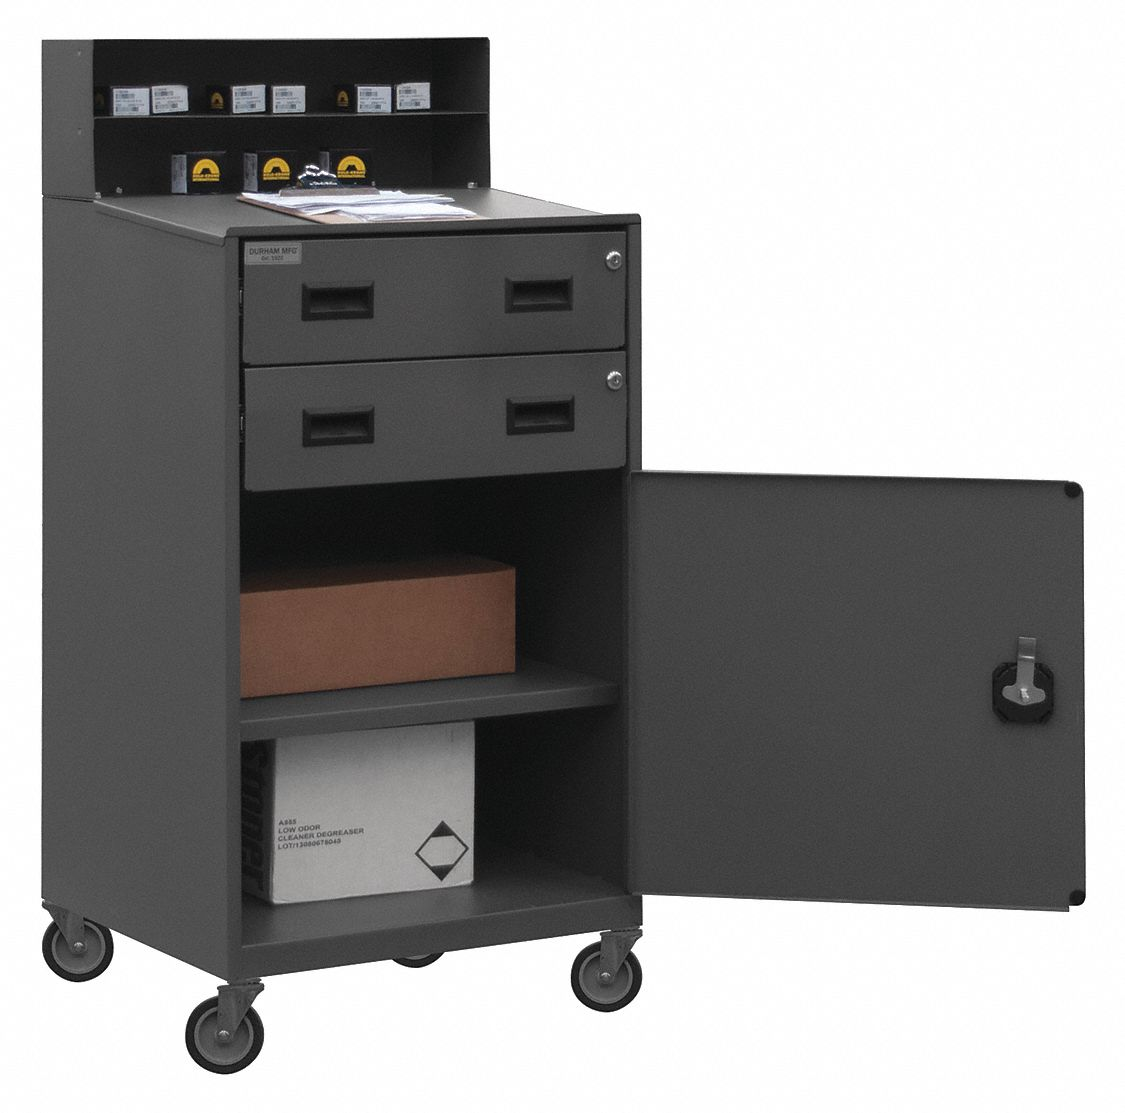 Durham Shop Desk 23 X 51 X 20 In Gray 1pb38 Fed 2023 95